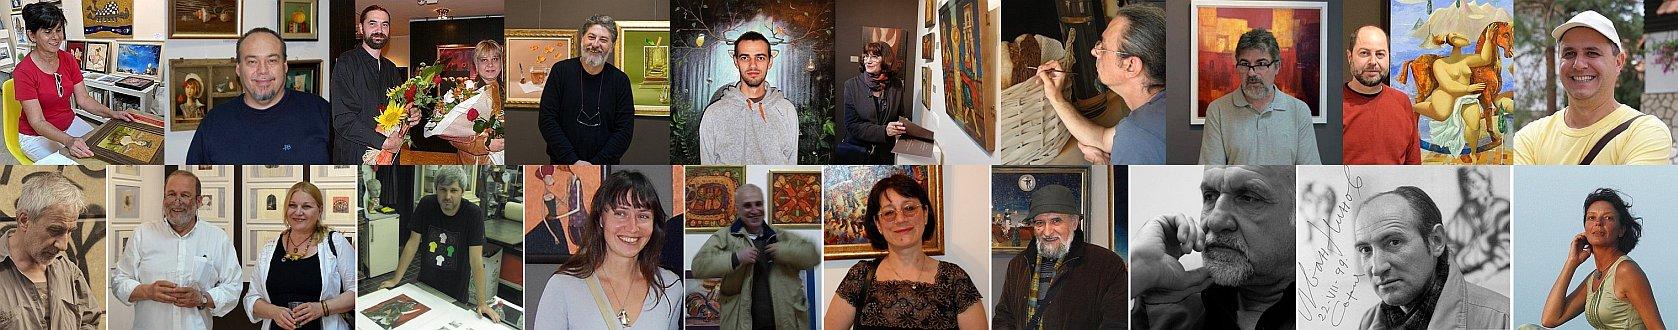 hudozhnitsi-na-galeria-paris-2020